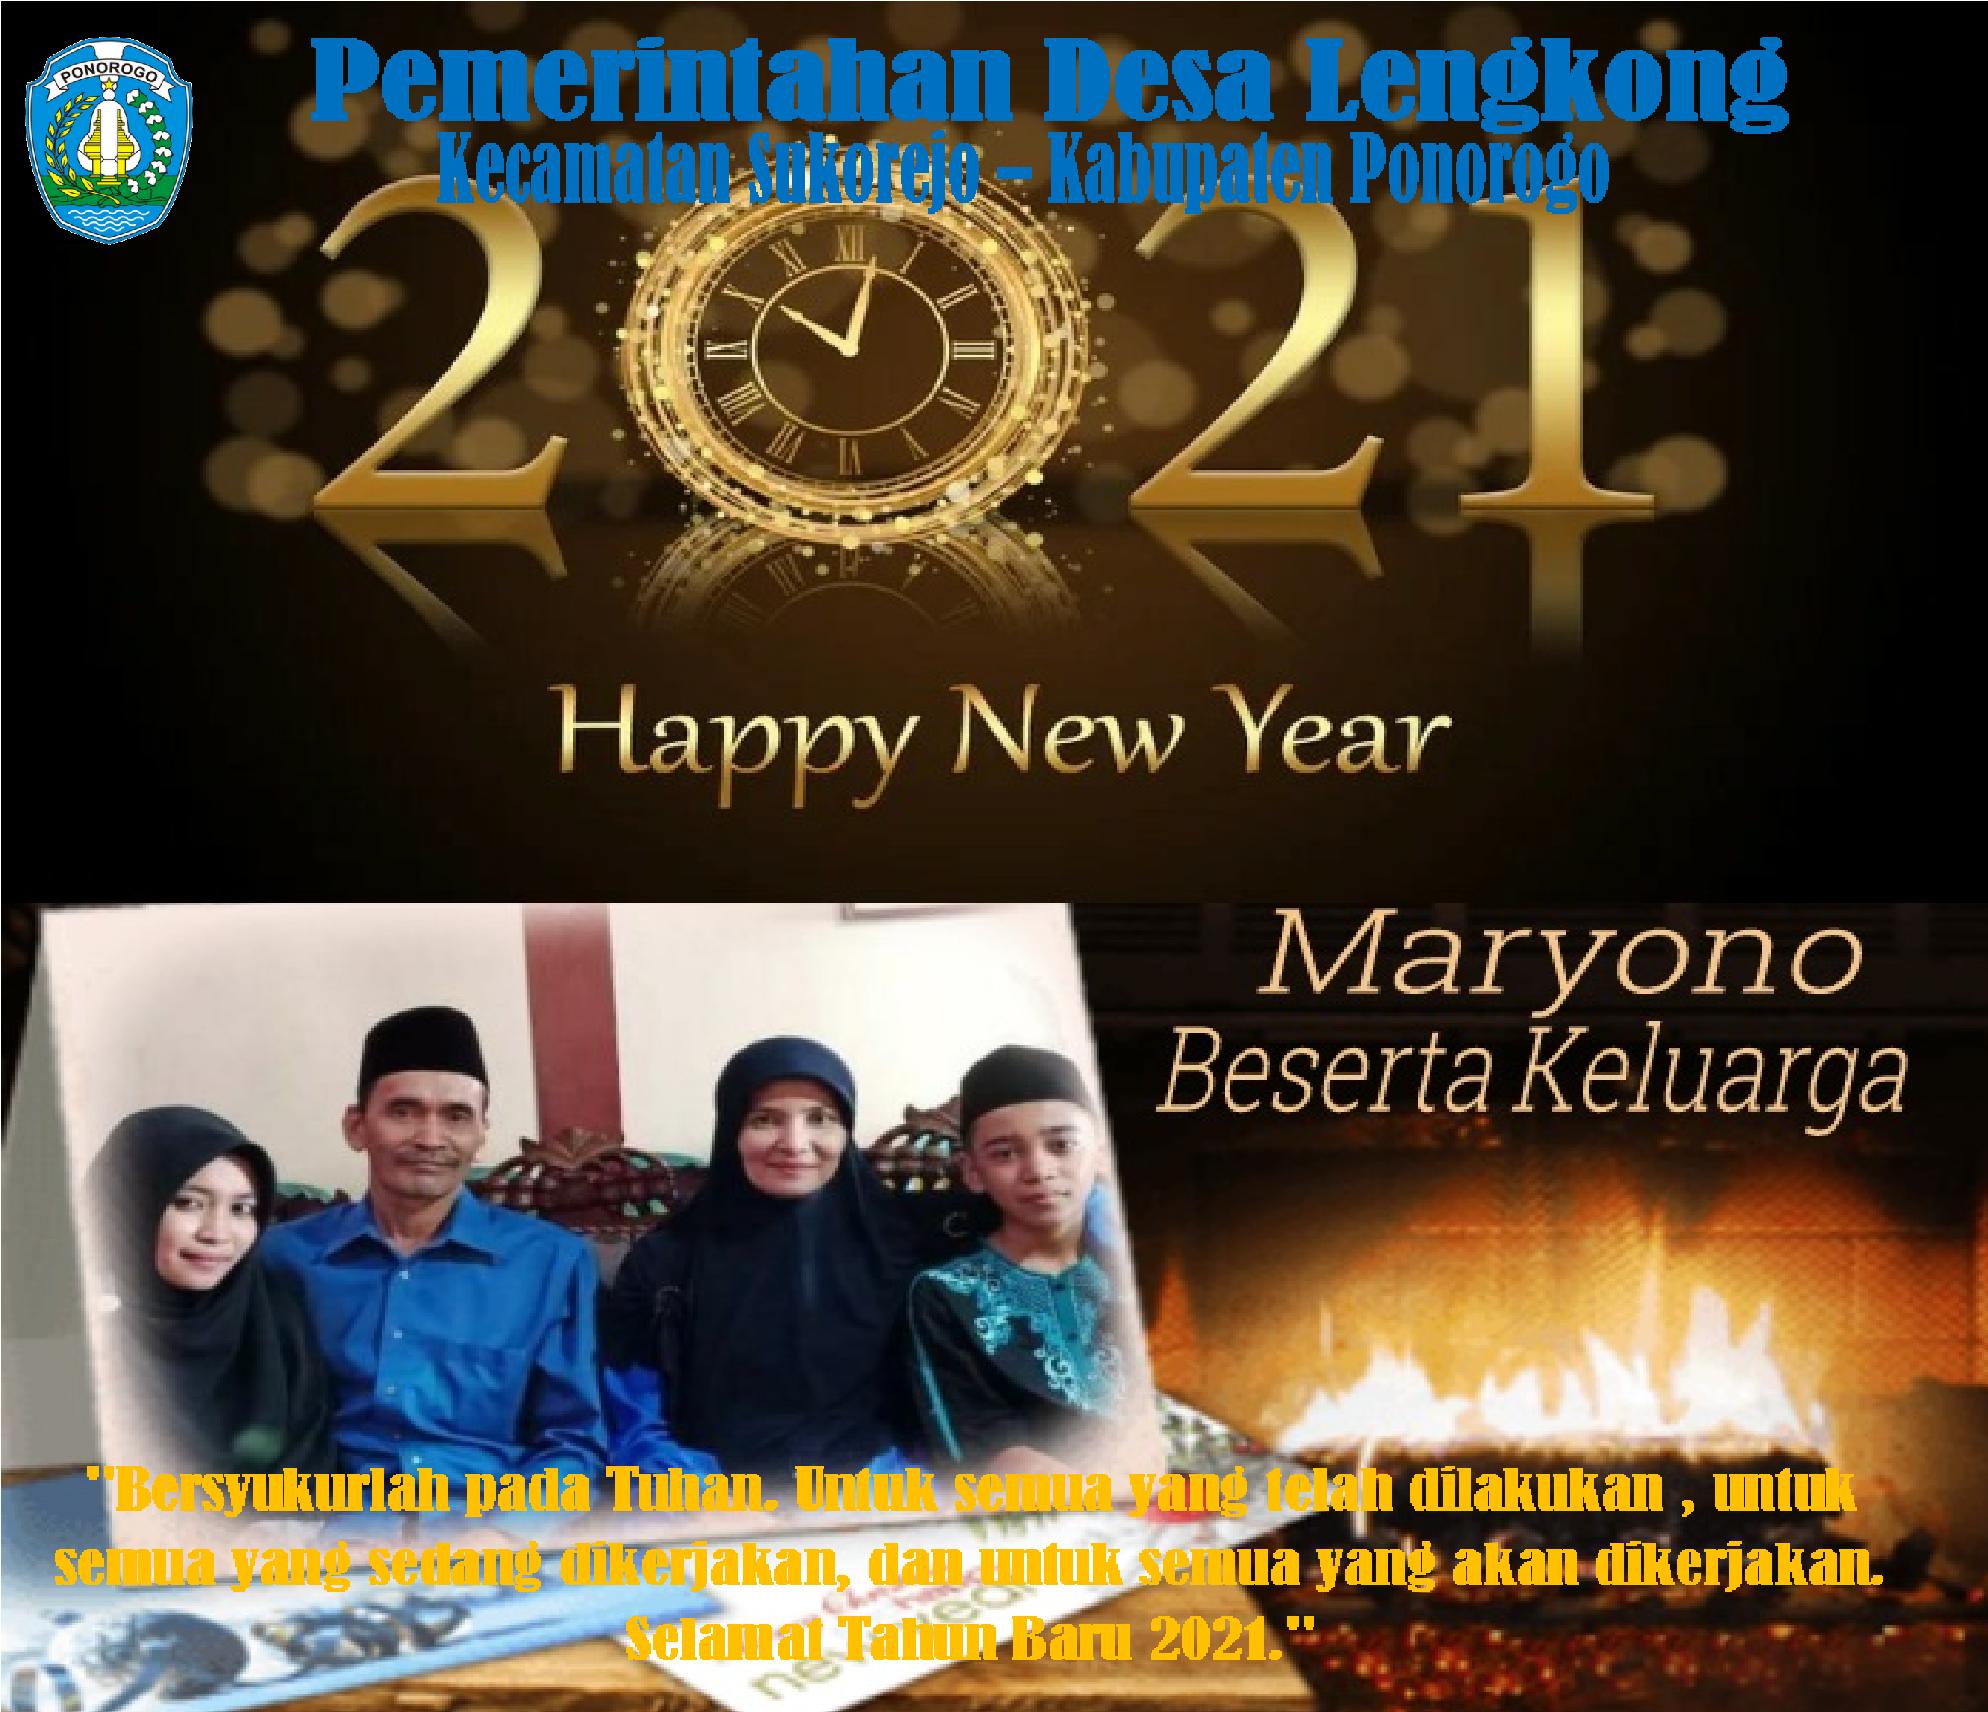 Pemerintahan Desa Lengkong Kecamatan Sukorejo – Kabupaten Ponorogo Mengucapkan : Selamat Tahun Baru 2021